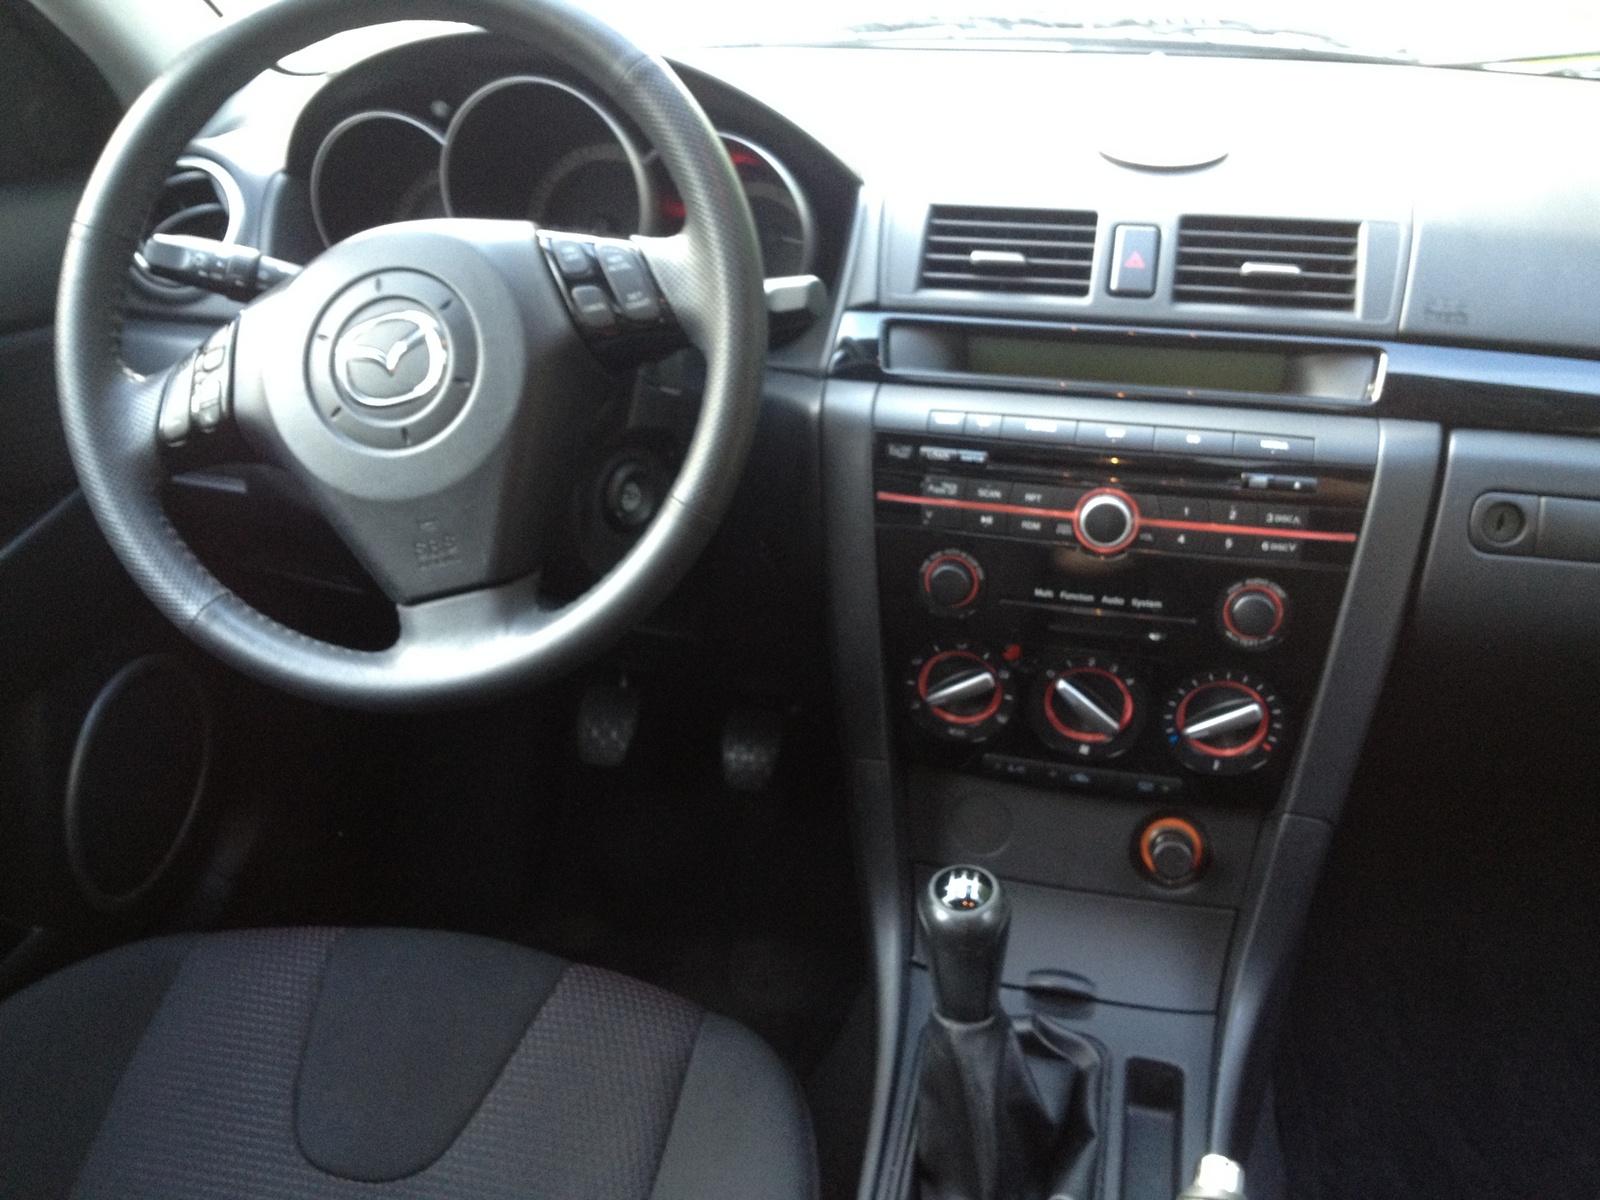 2008 Mazda Mazda3 Interior Pictures Cargurus